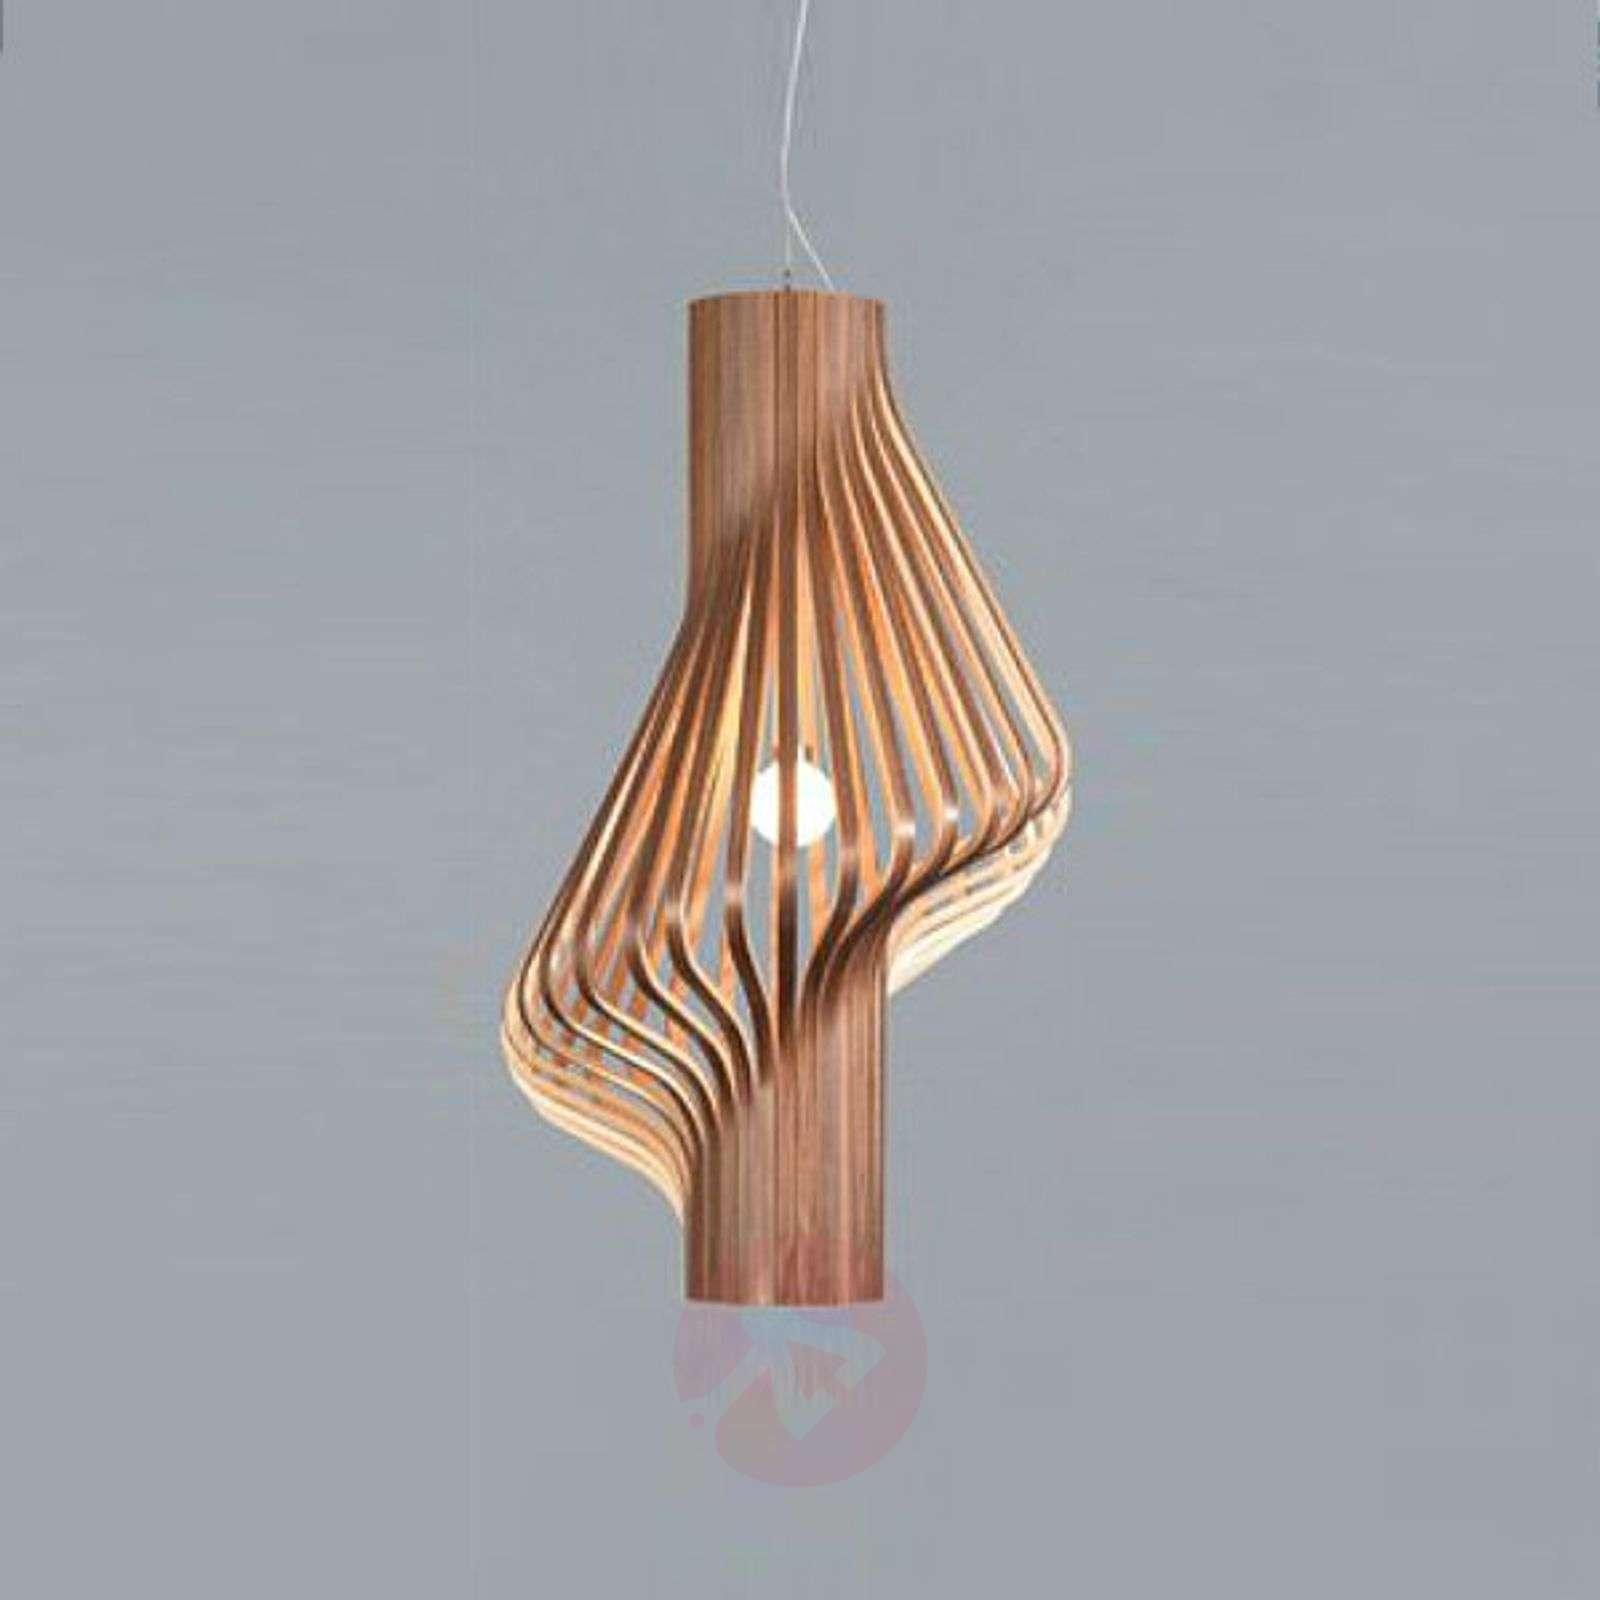 Kaunis design-riippuvalaisin Diva pähkinäpuu-7013076-01